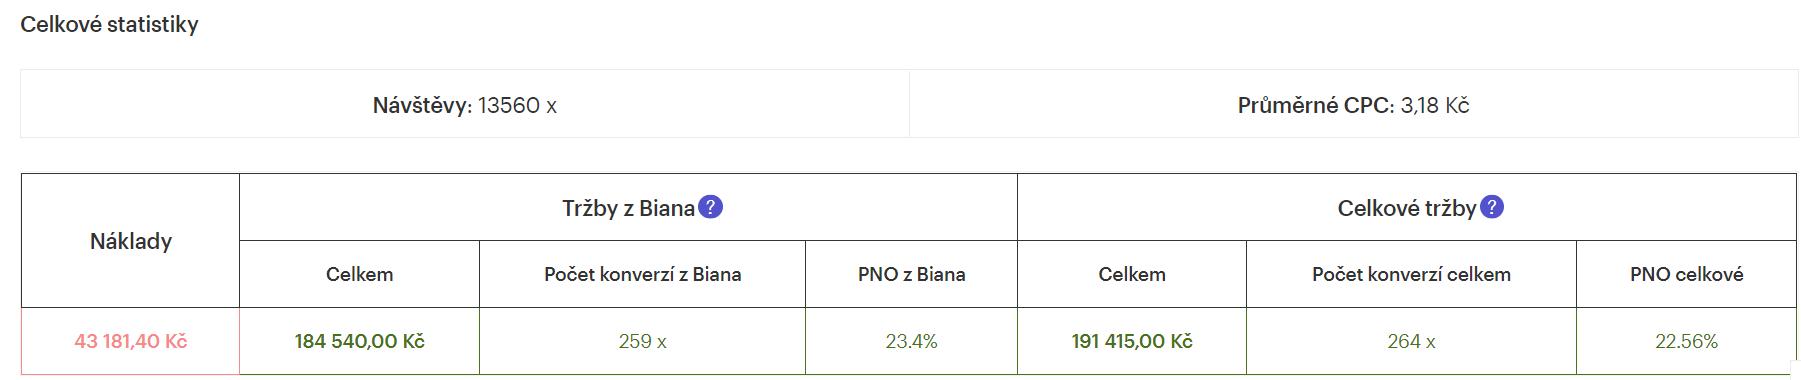 Tržby Biano